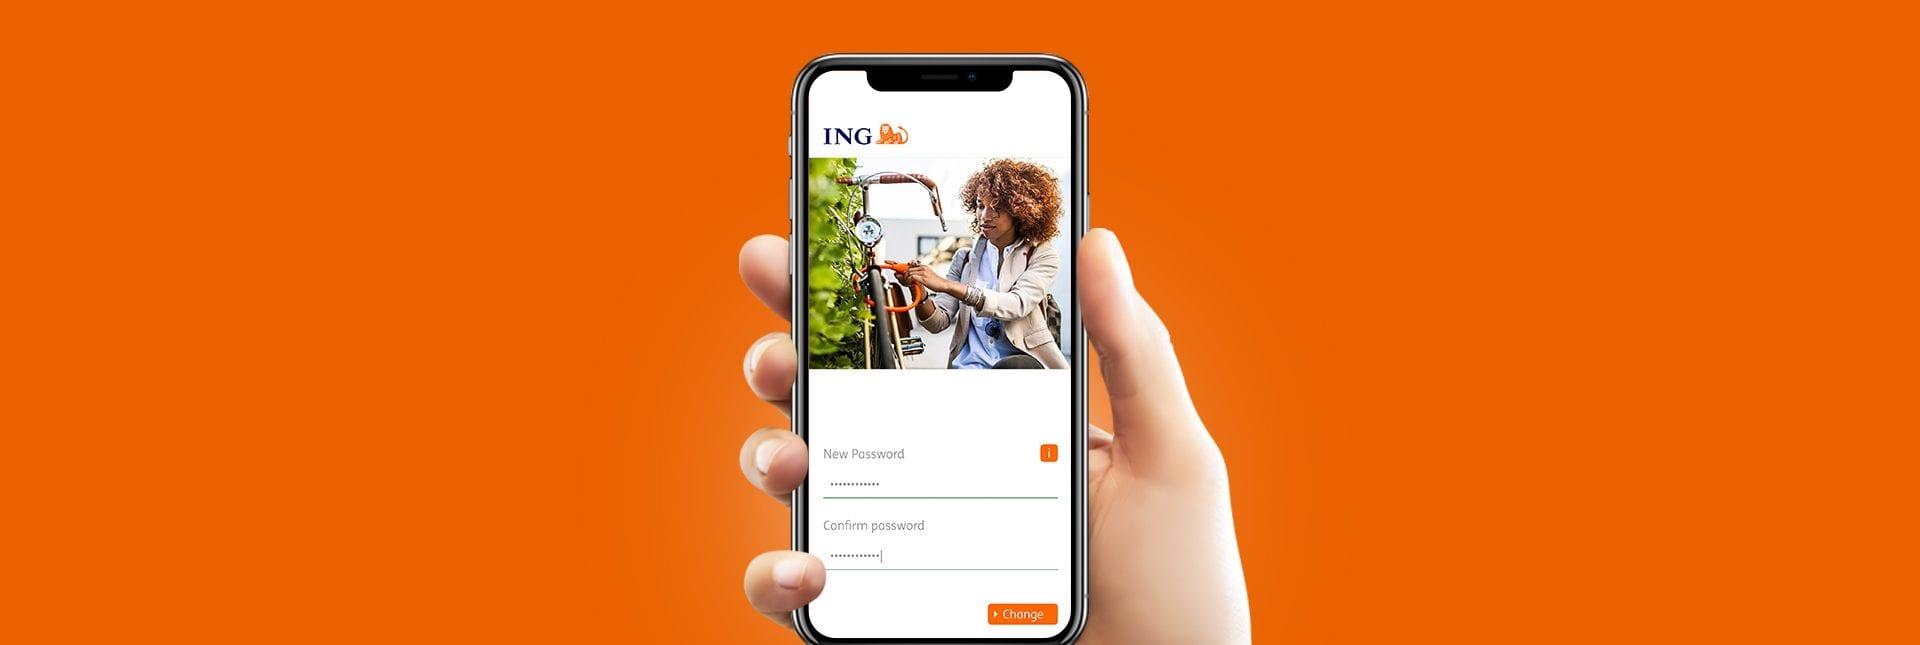 ing-bank-app